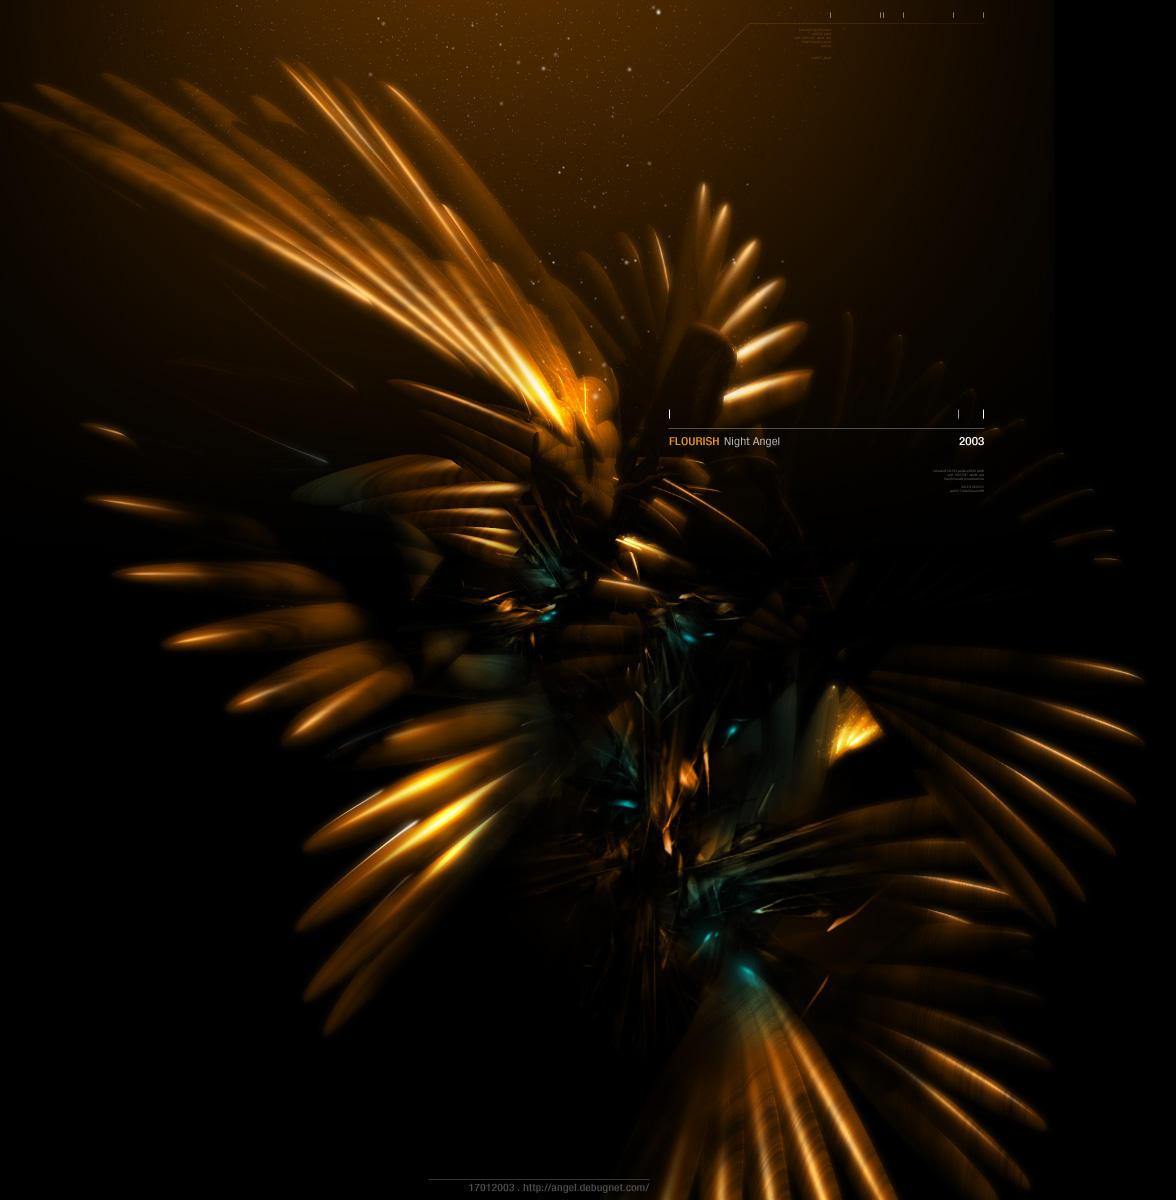 Flourish - by niteangel